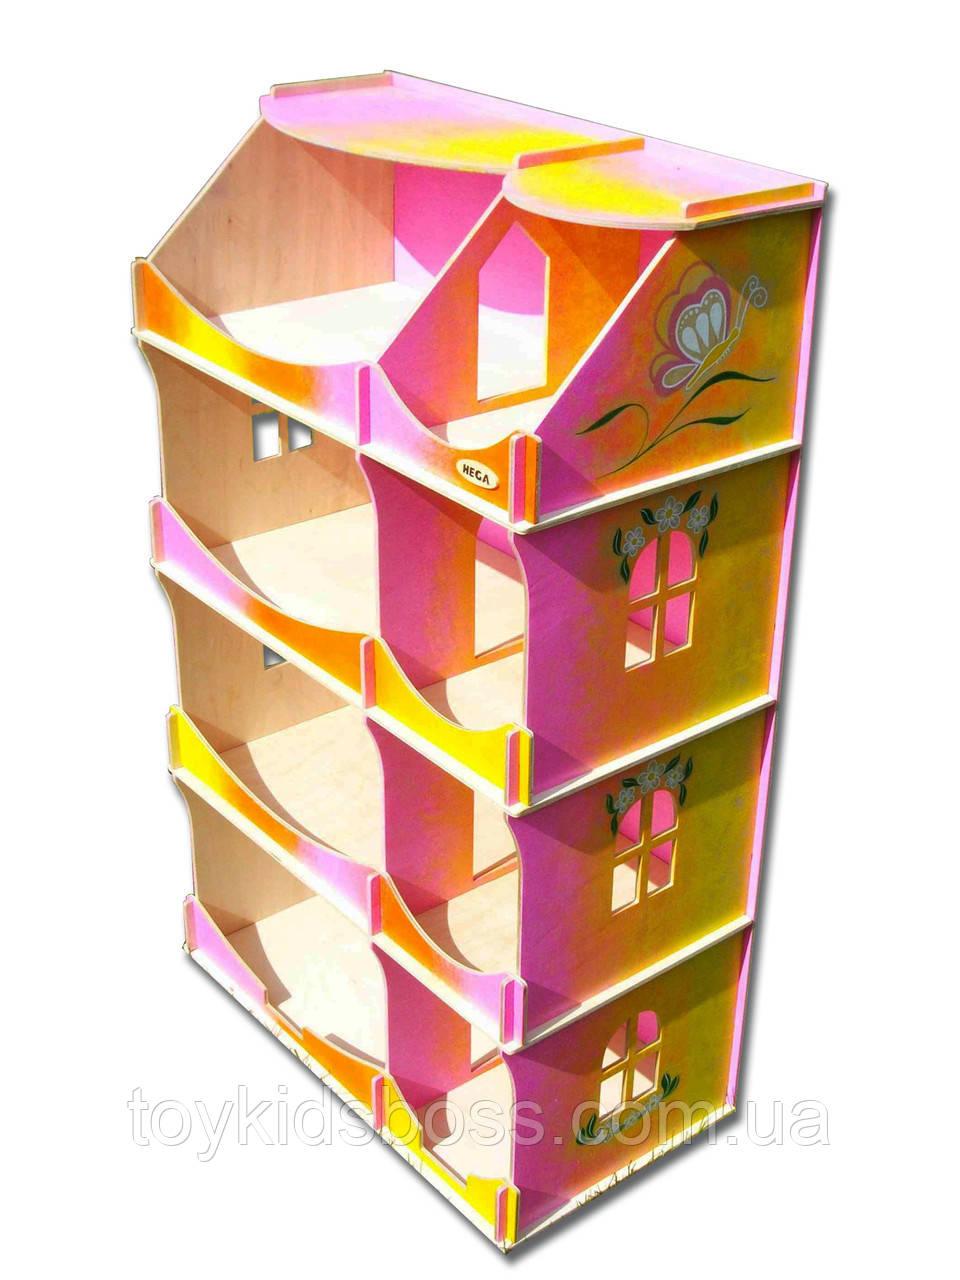 Кукольный домик-шкаф Hega радужный с росписью (090P)